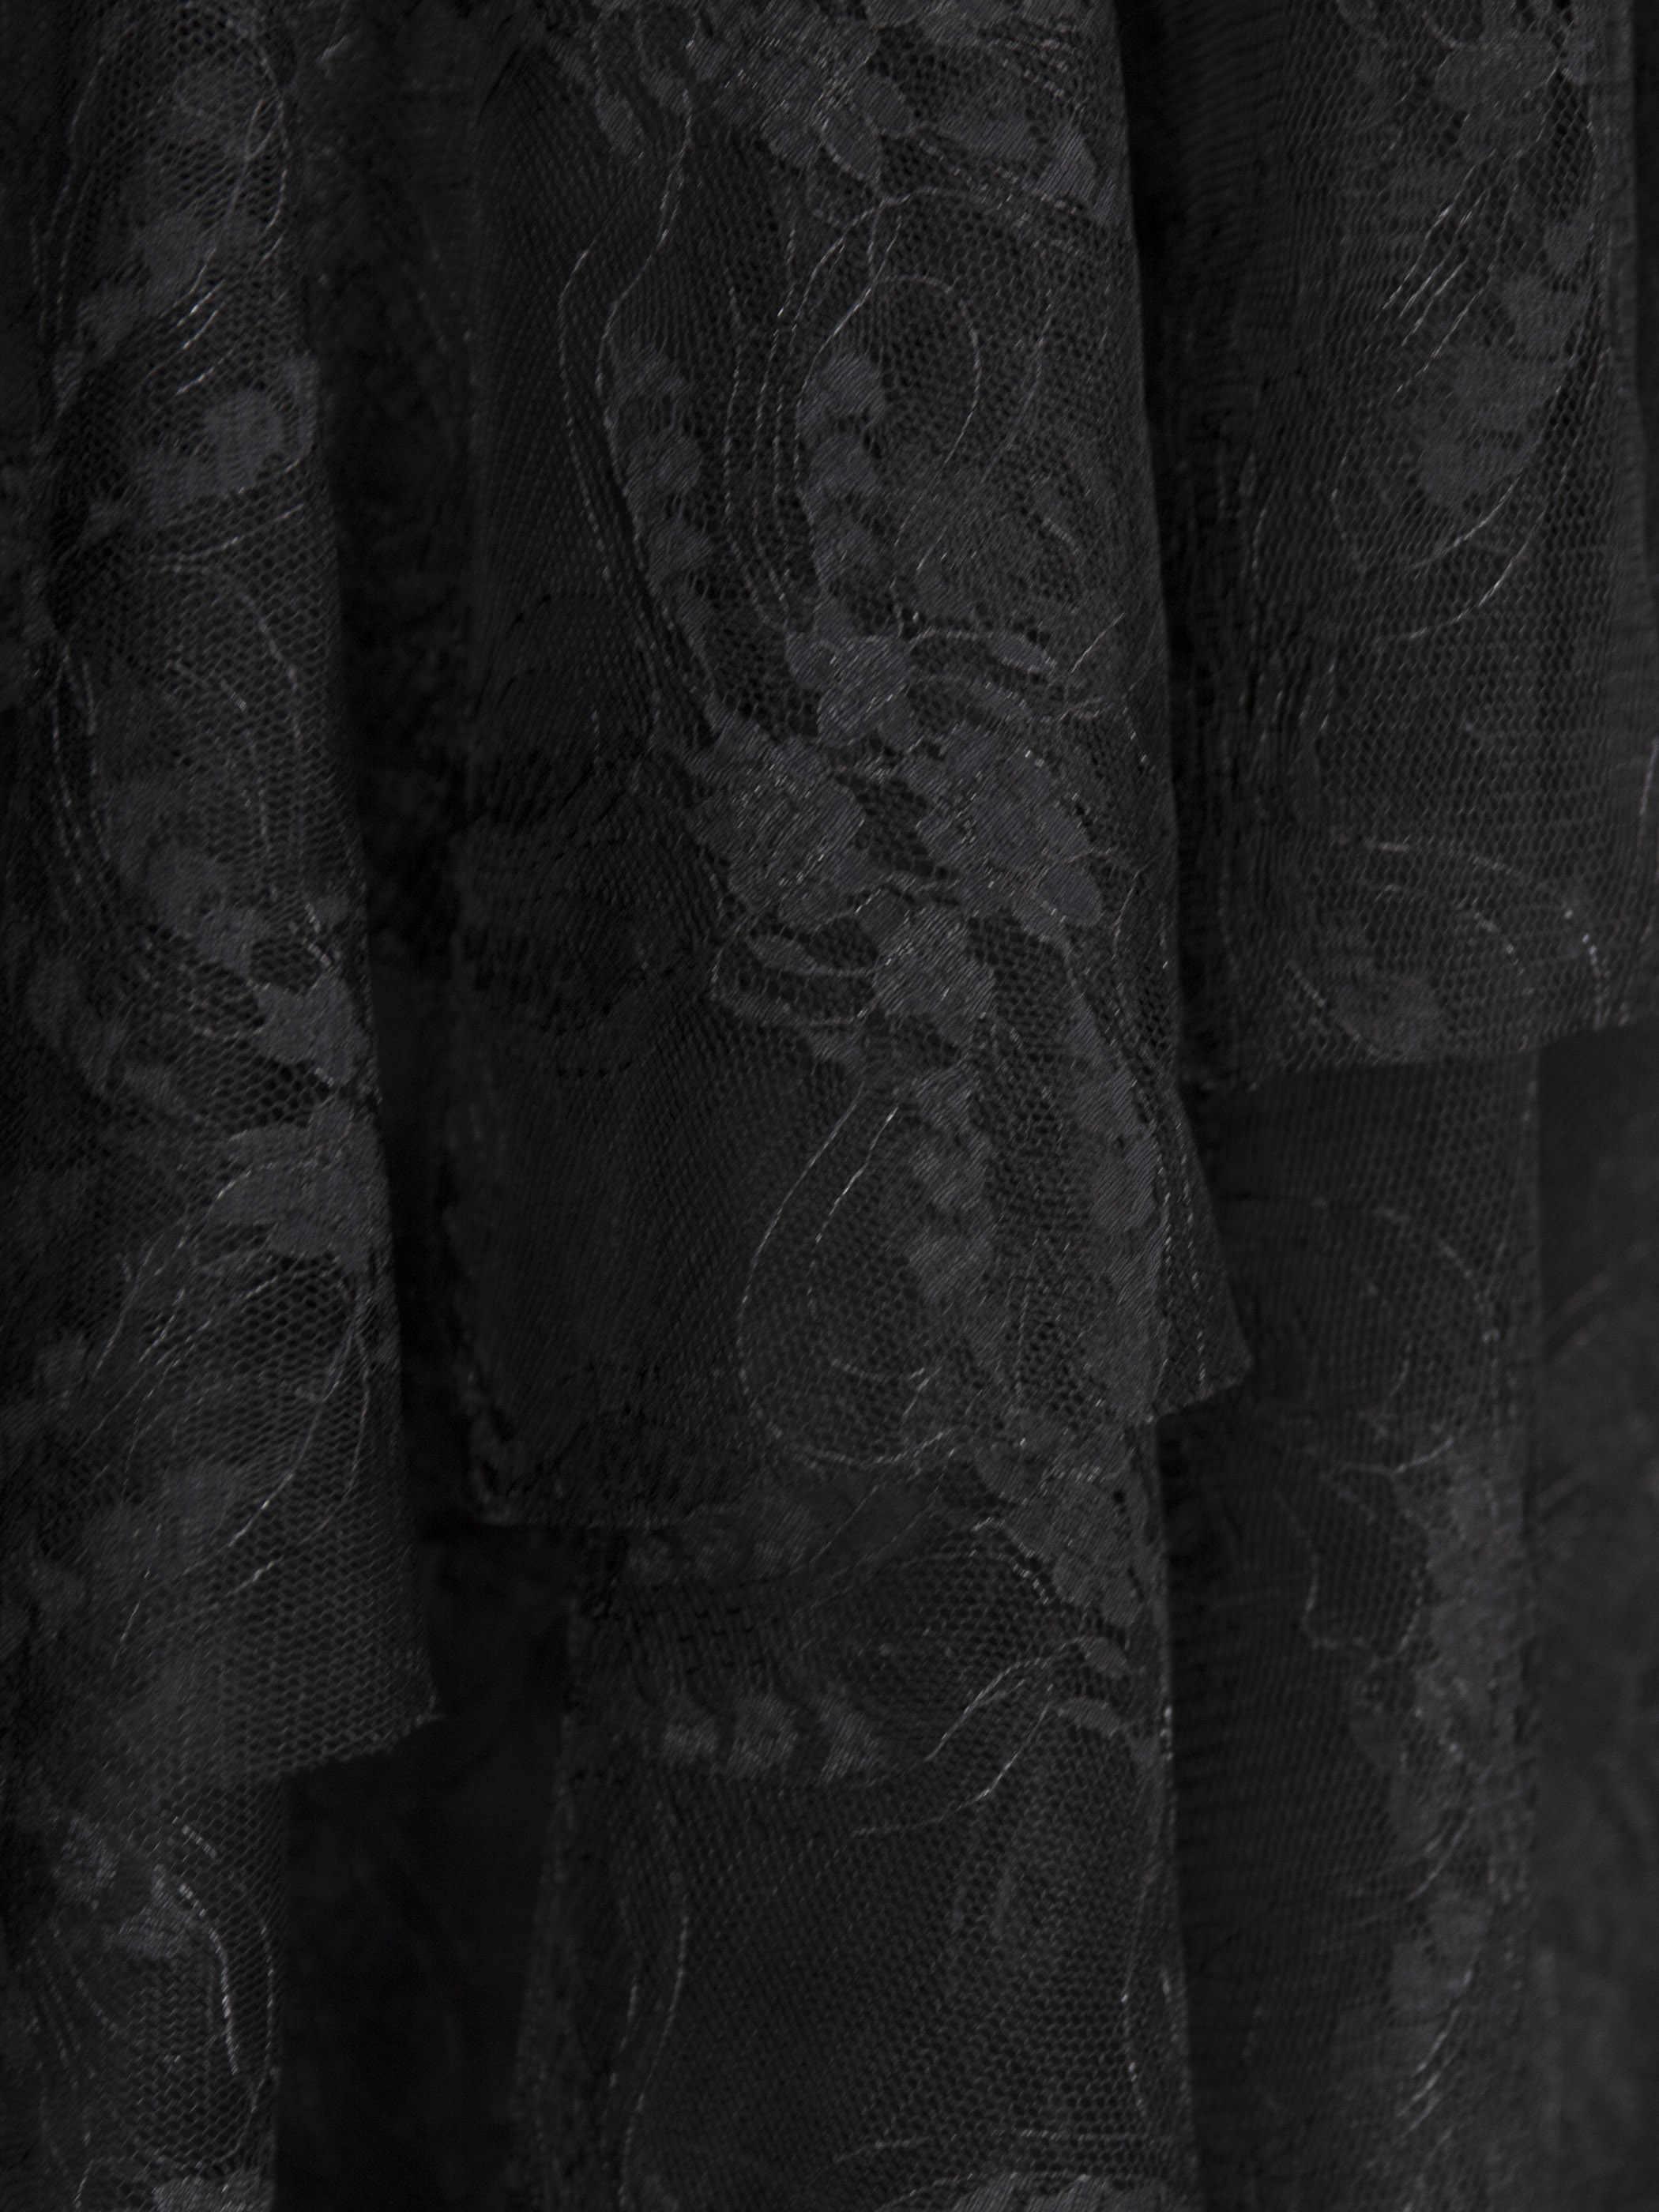 Rosetic femmes Sexy robe en dentelle noir gothique volants asymétrique maille voir à travers élégant dames été Club fête robes Midi